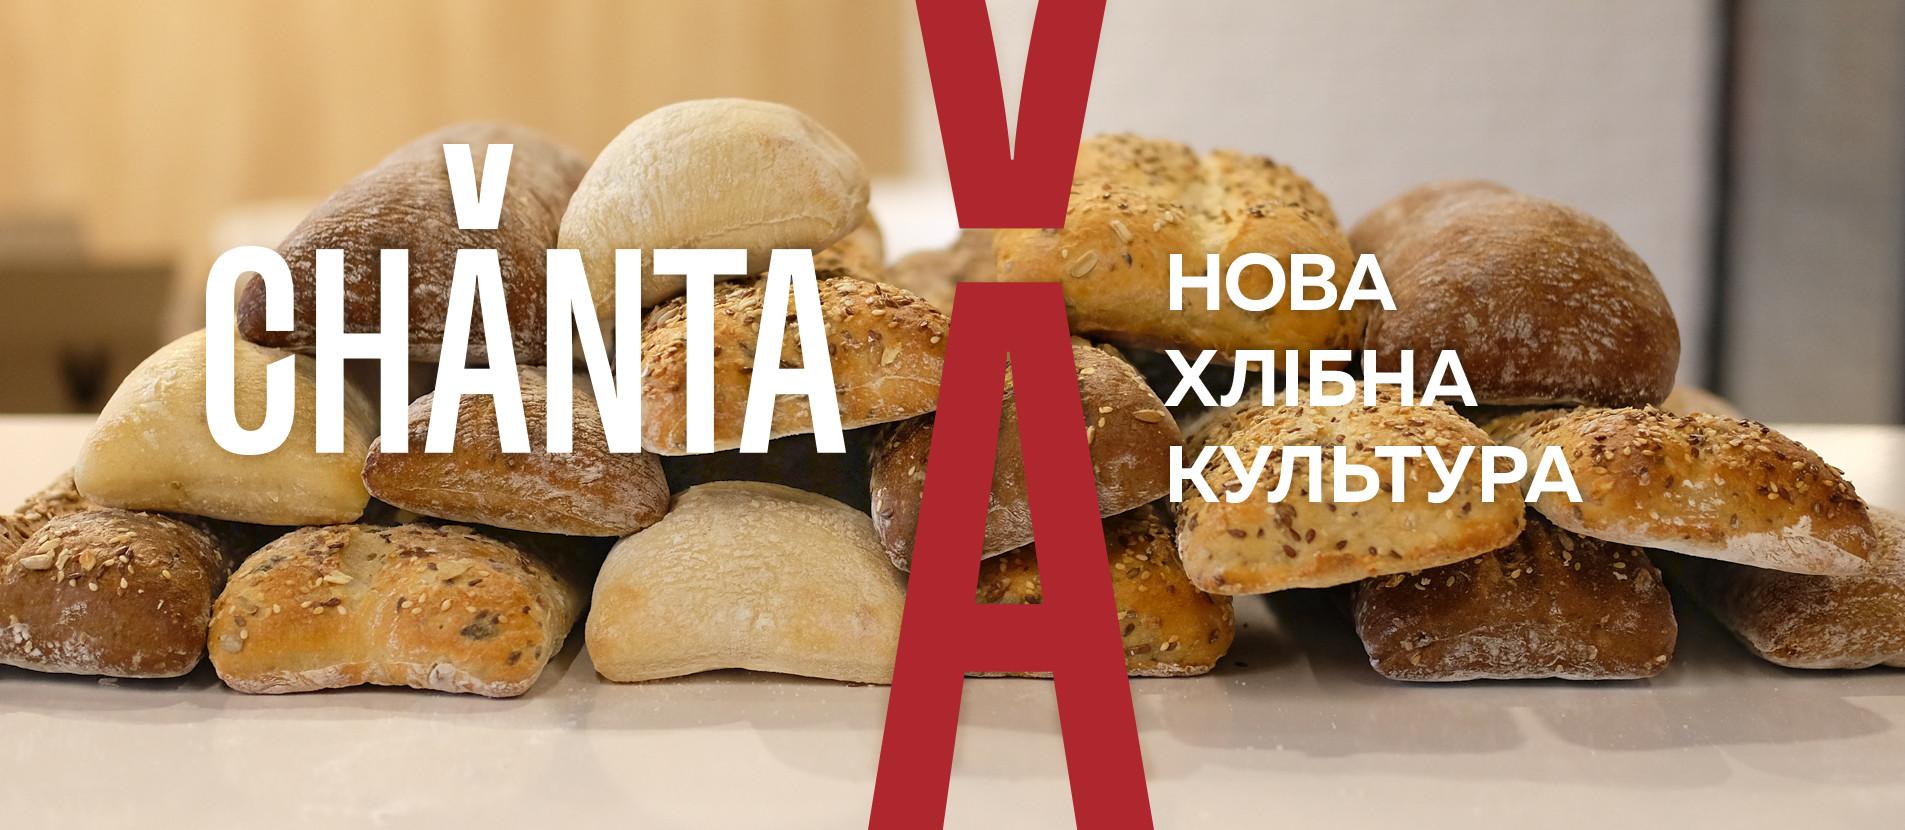 ЧАНТА. Нова хлібна культура